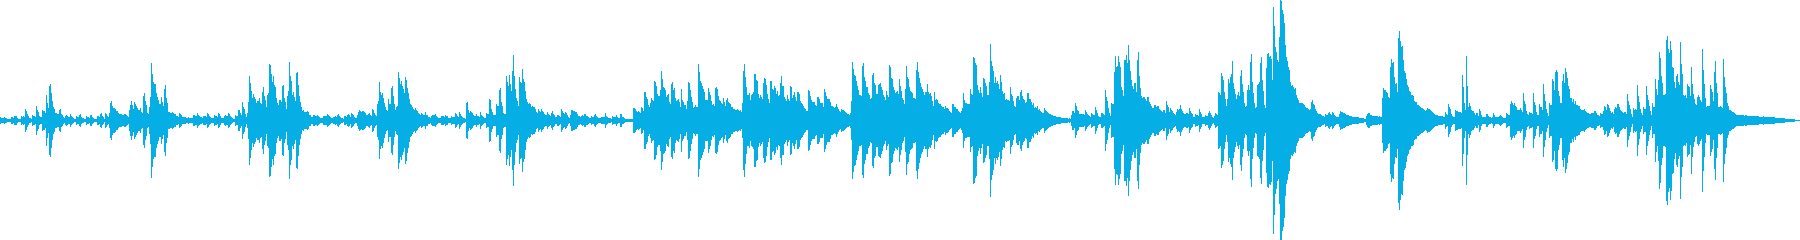 絶望の中で(ピアノ・悲しい・BGM)の再生済みの波形